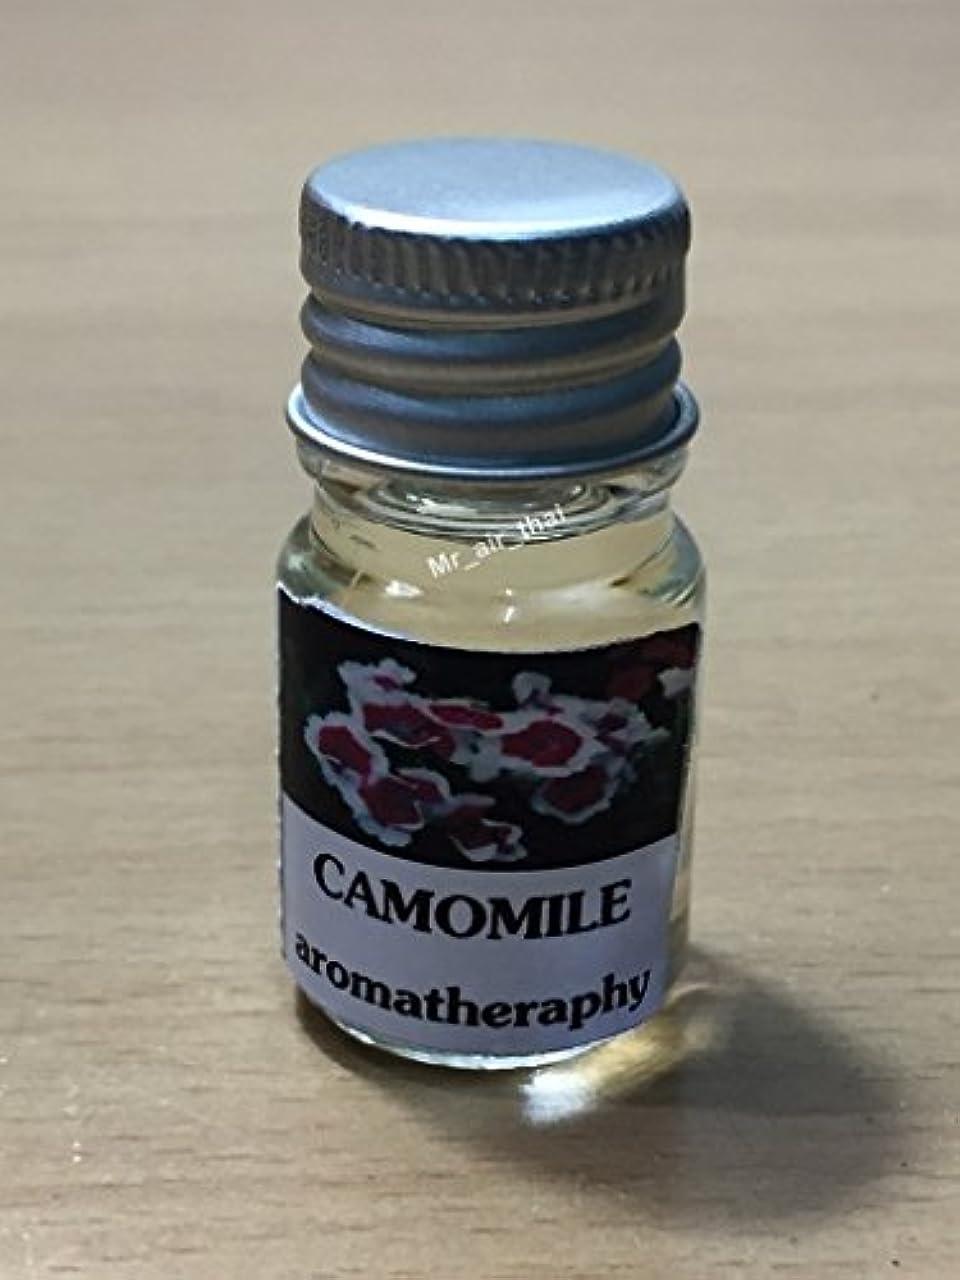 溶接抑制バラエティ5ミリリットルアロマカモミールフランクインセンスエッセンシャルオイルボトルアロマテラピーオイル自然自然5ml Aroma Camomile Frankincense Essential Oil Bottles Aromatherapy...